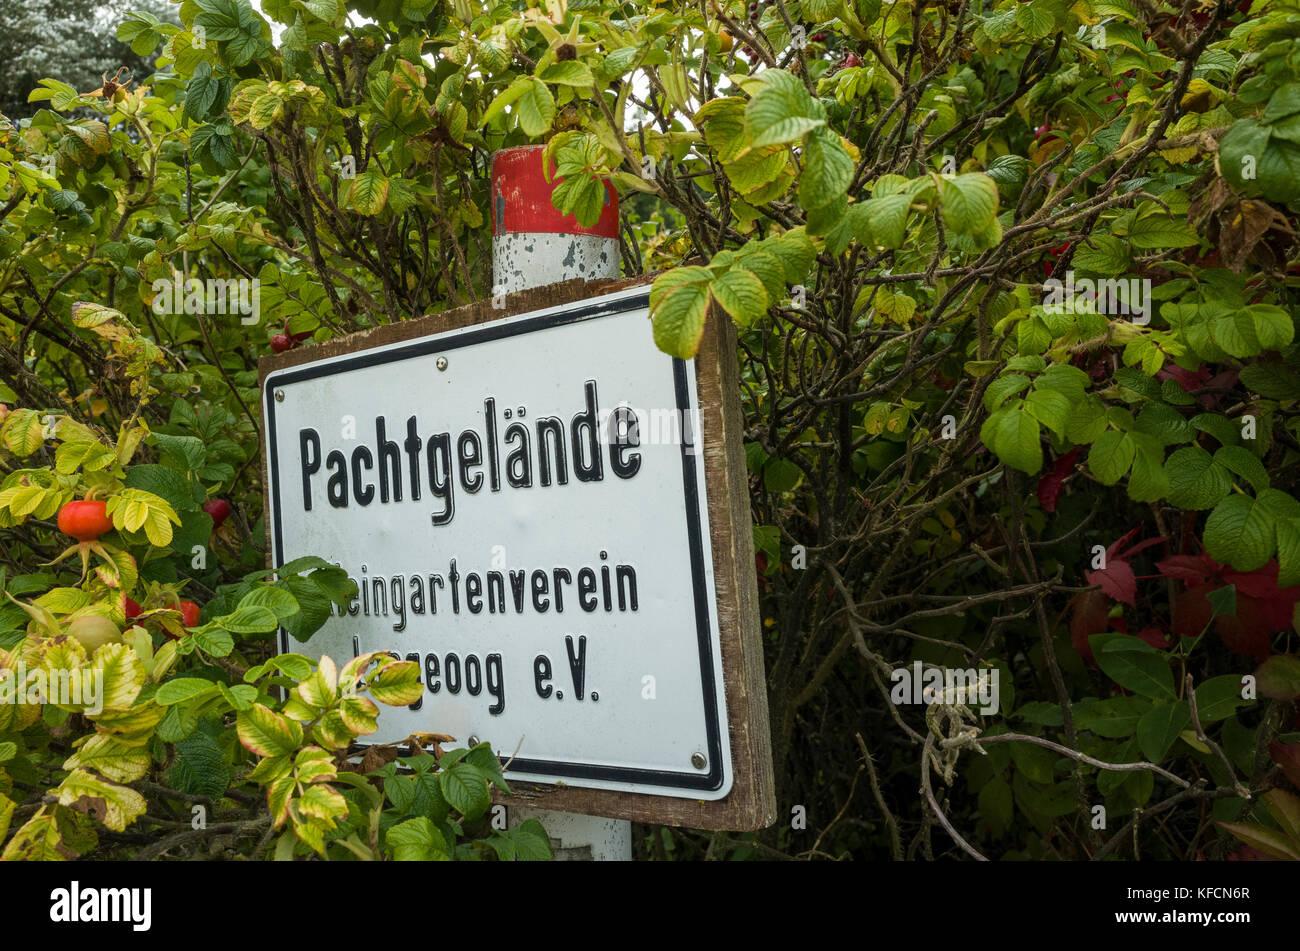 Pachtgelände Kleingartenverein Langeoog. Deutschland.  Germany.  The old ring road that ran around the  WWII - Stock Image